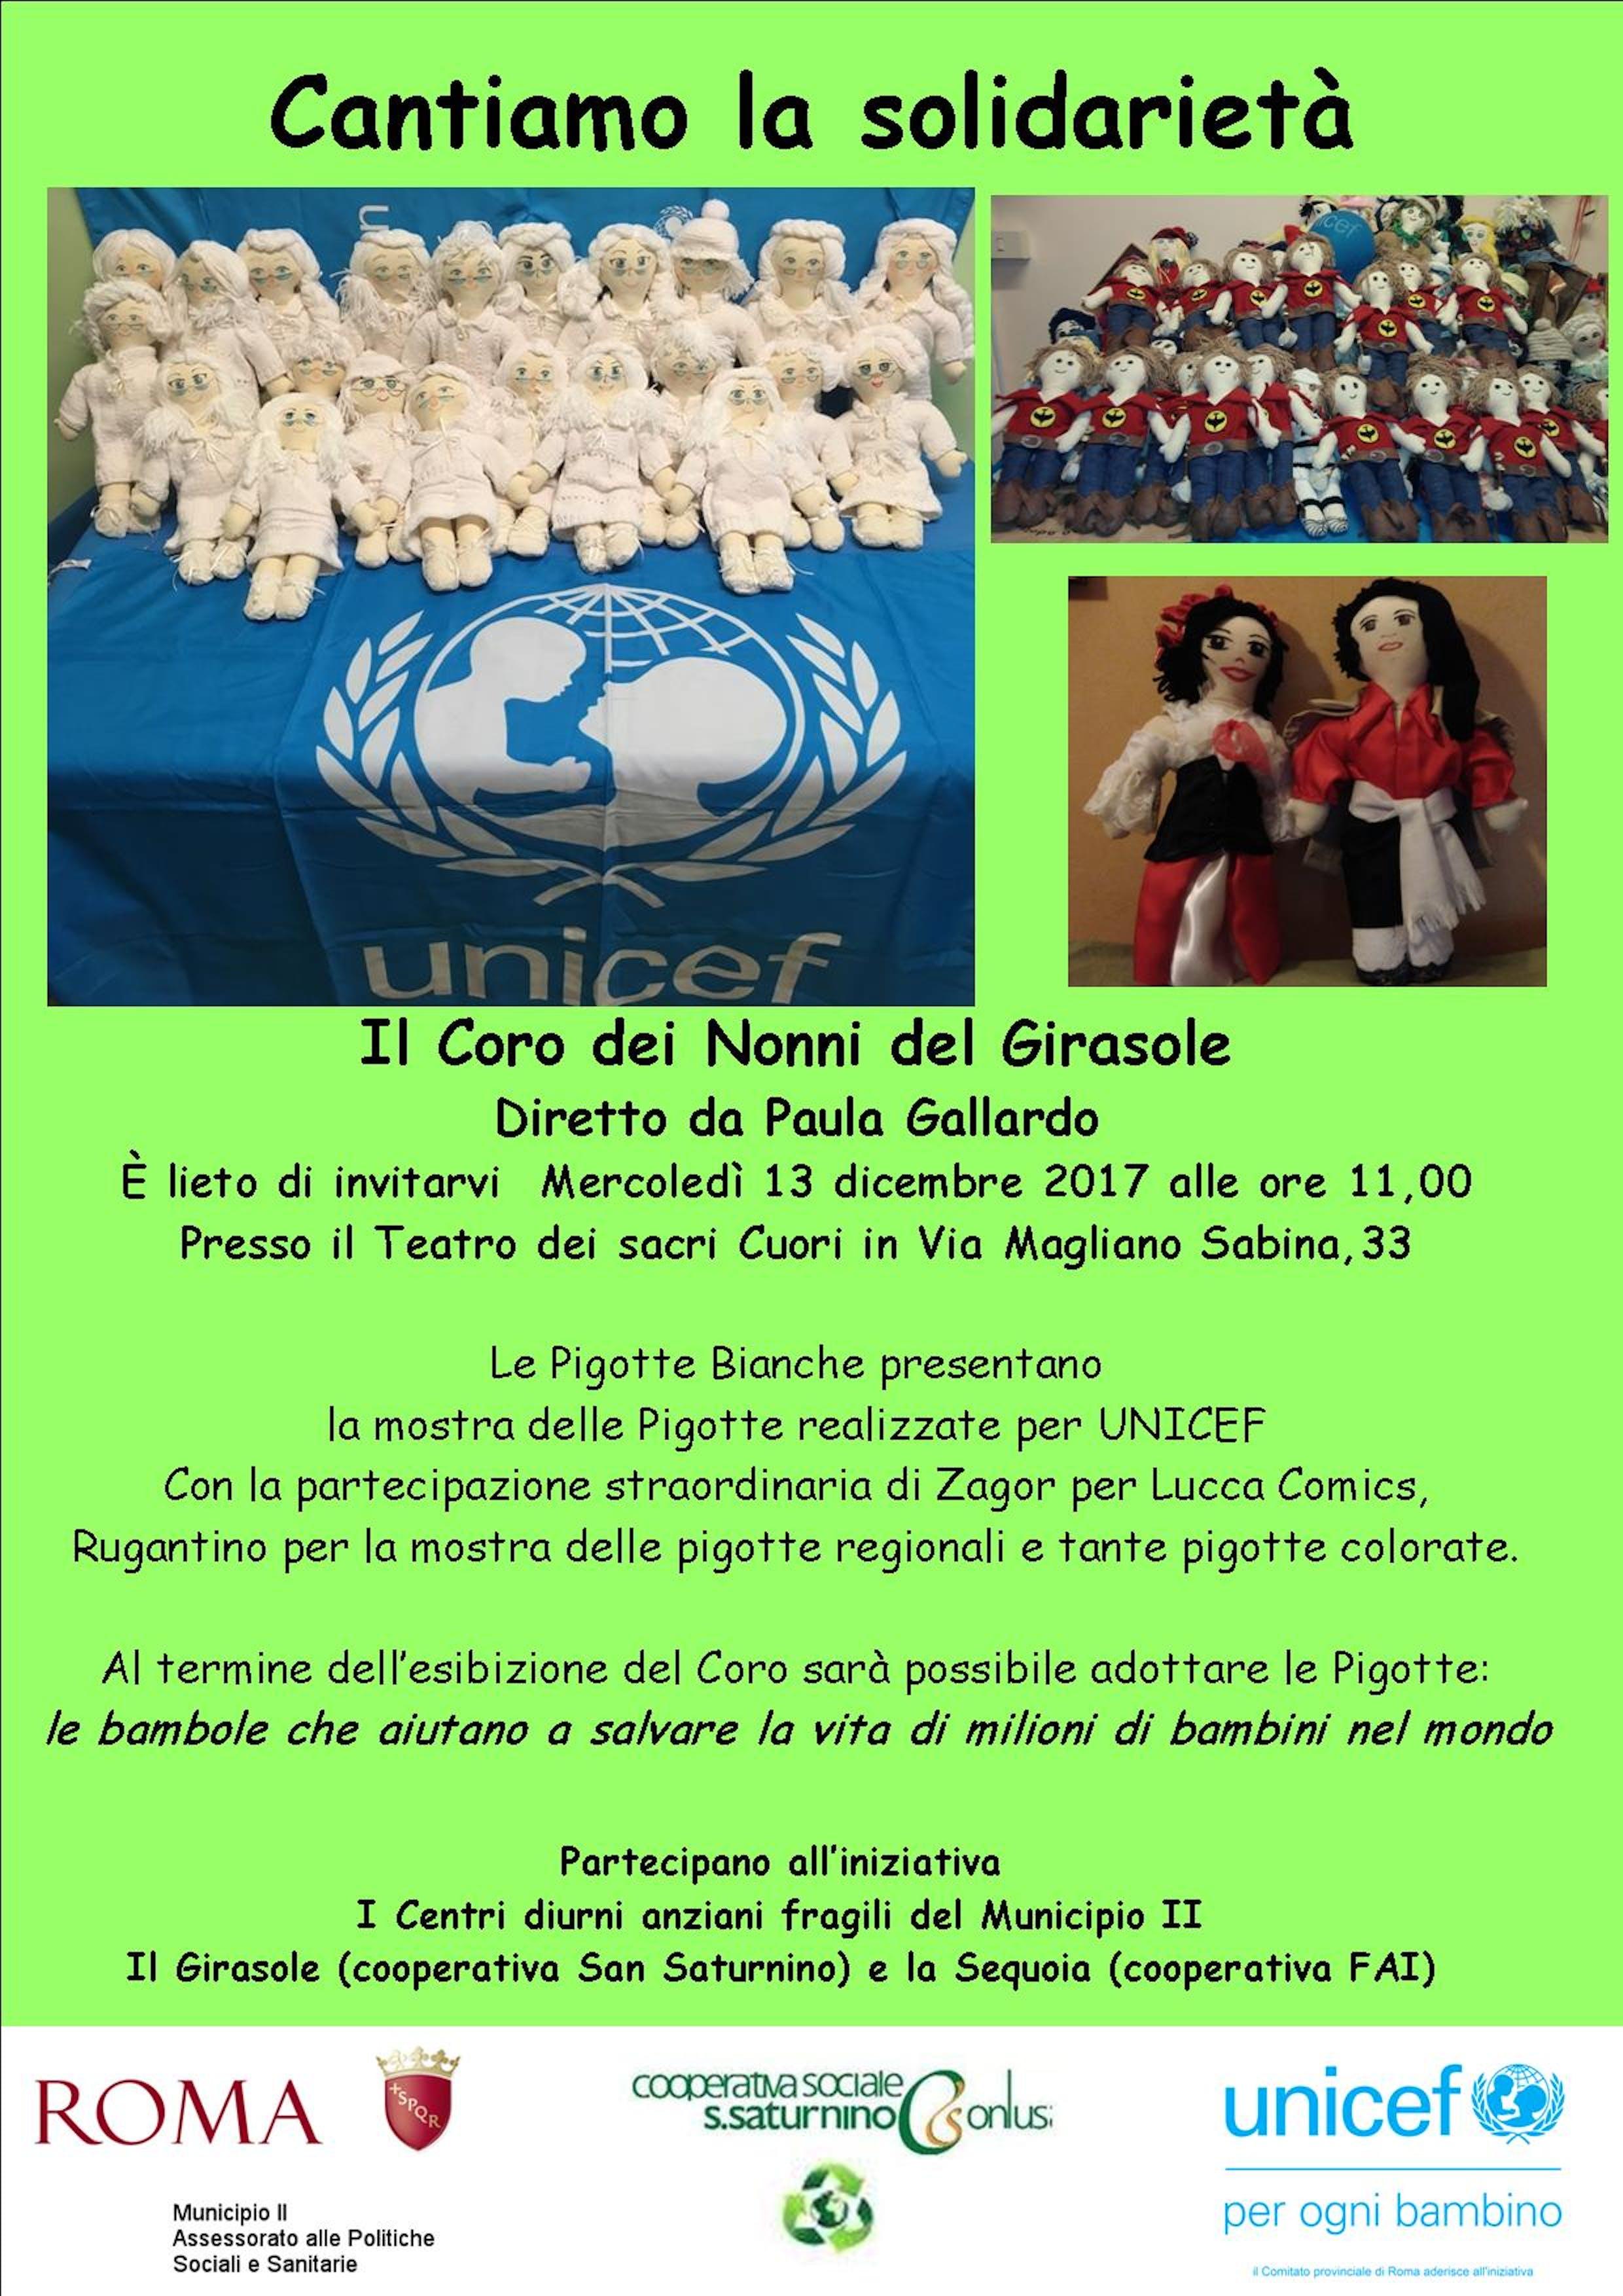 Concerto dei nonni e mostra di Pigotte grazie al Centro Il Girasole di Roma